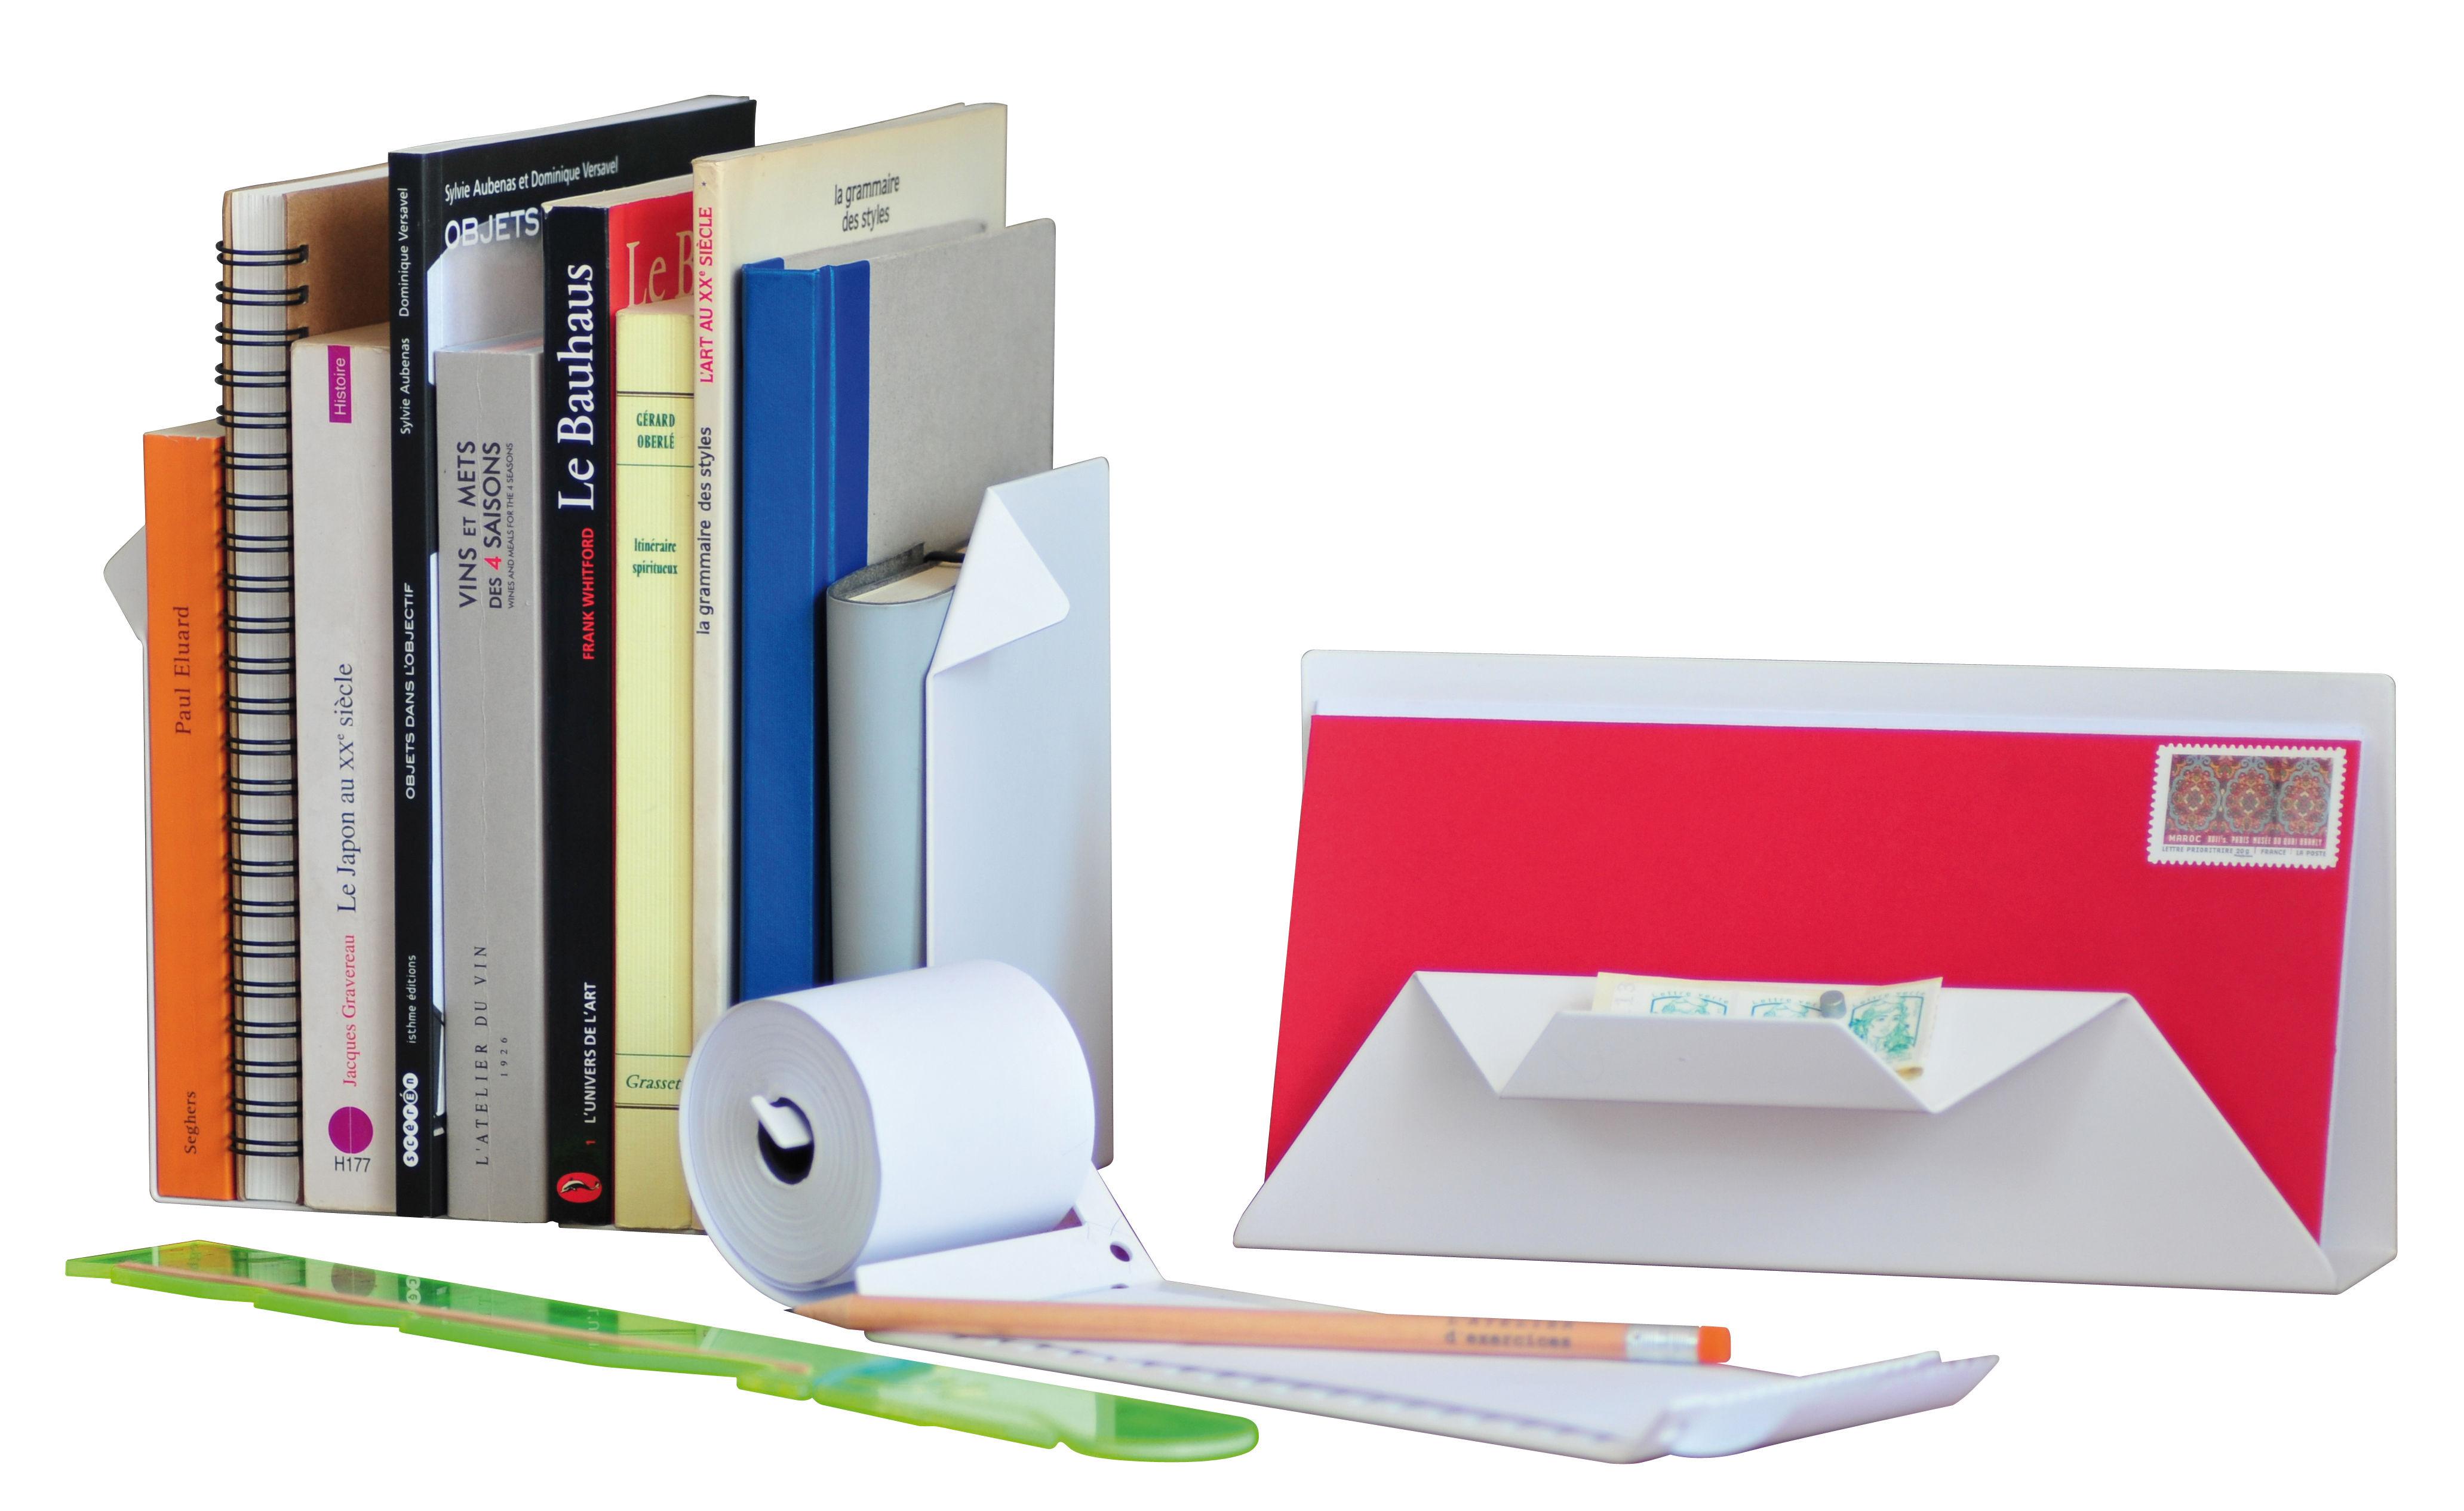 Accessori moda - Accessori ufficio - Set Office - / 5 accessori da scrivania di L'atelier d'exercices - Bianco / Righello giallo - Acciaio verniciato, Materiale plastico